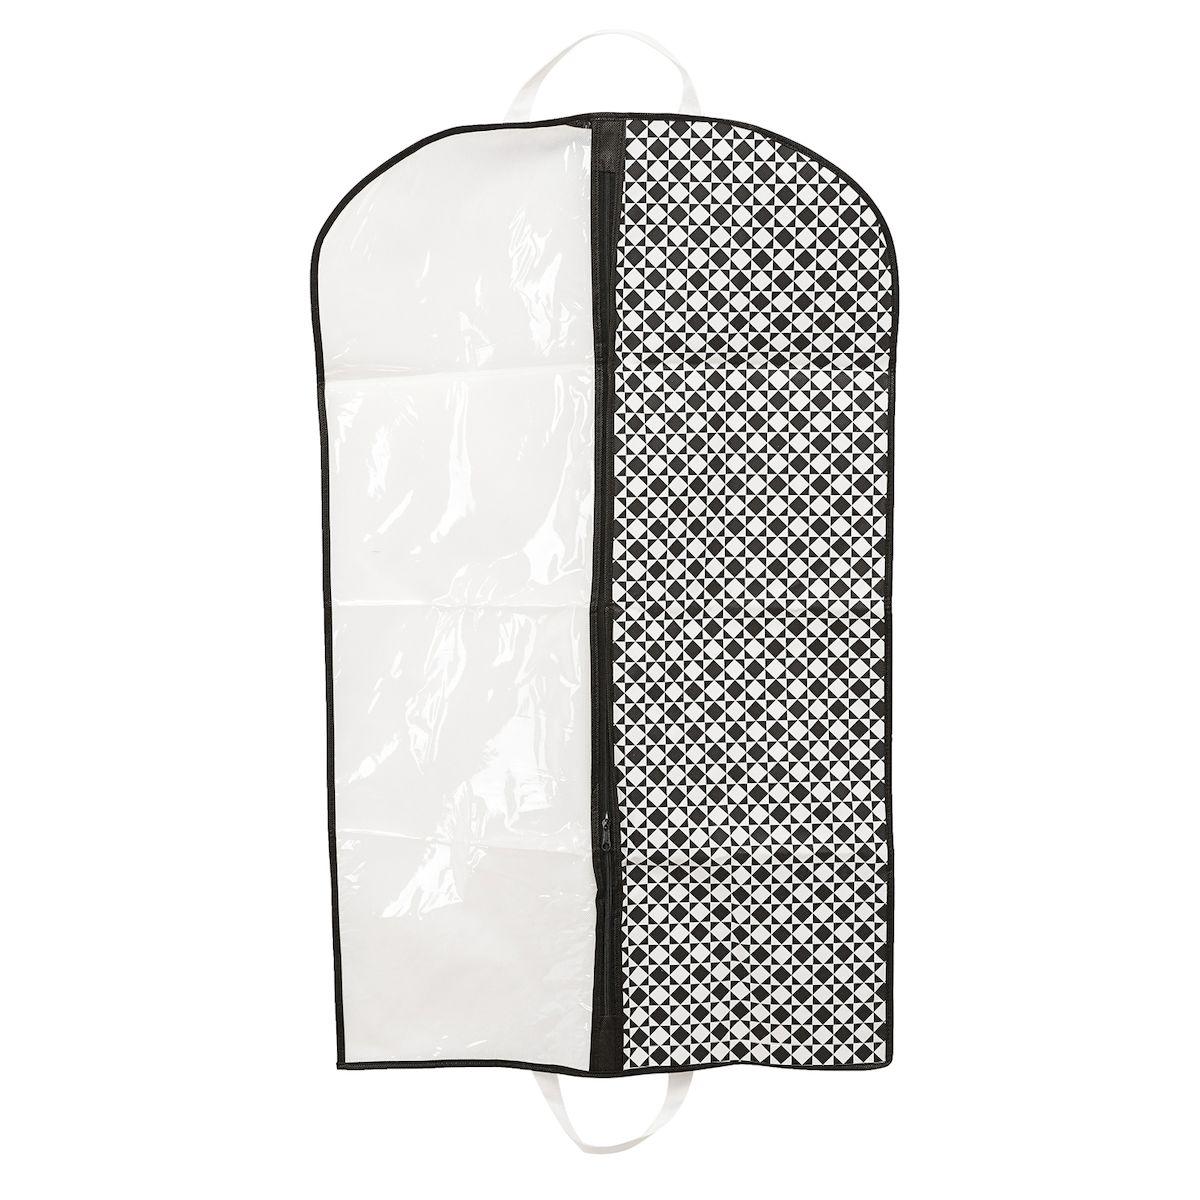 Чехол для одежды Homsu Maestro, подвесной, с прозрачной вставкой, 100 х 60 см1092019Подвесной чехол для одежды Homsu Maestro на застежке-молнии выполнен из высококачественного нетканого материала. Чехол снабжен прозрачной вставкой из ПВХ, что позволяет легко просматривать содержимое. Изделие подходит для длительного хранения вещей.Чехол обеспечит вашей одежде надежную защиту от влажности, повреждений и грязи при транспортировке, от запыления при хранении и проникновения моли. Чехол позволяет воздуху свободно поступать внутрь вещей, обеспечивая их кондиционирование. Это особенно важно при хранении кожаных и меховых изделий.Чехол для одежды Homsu Maestro создаст уютную атмосферу в гардеробе. Лаконичный дизайн придется по вкусу ценительницам эстетичного хранения и сделают вашу гардеробную изысканной и невероятно стильной.Размер чехла: 100 х 60 см.